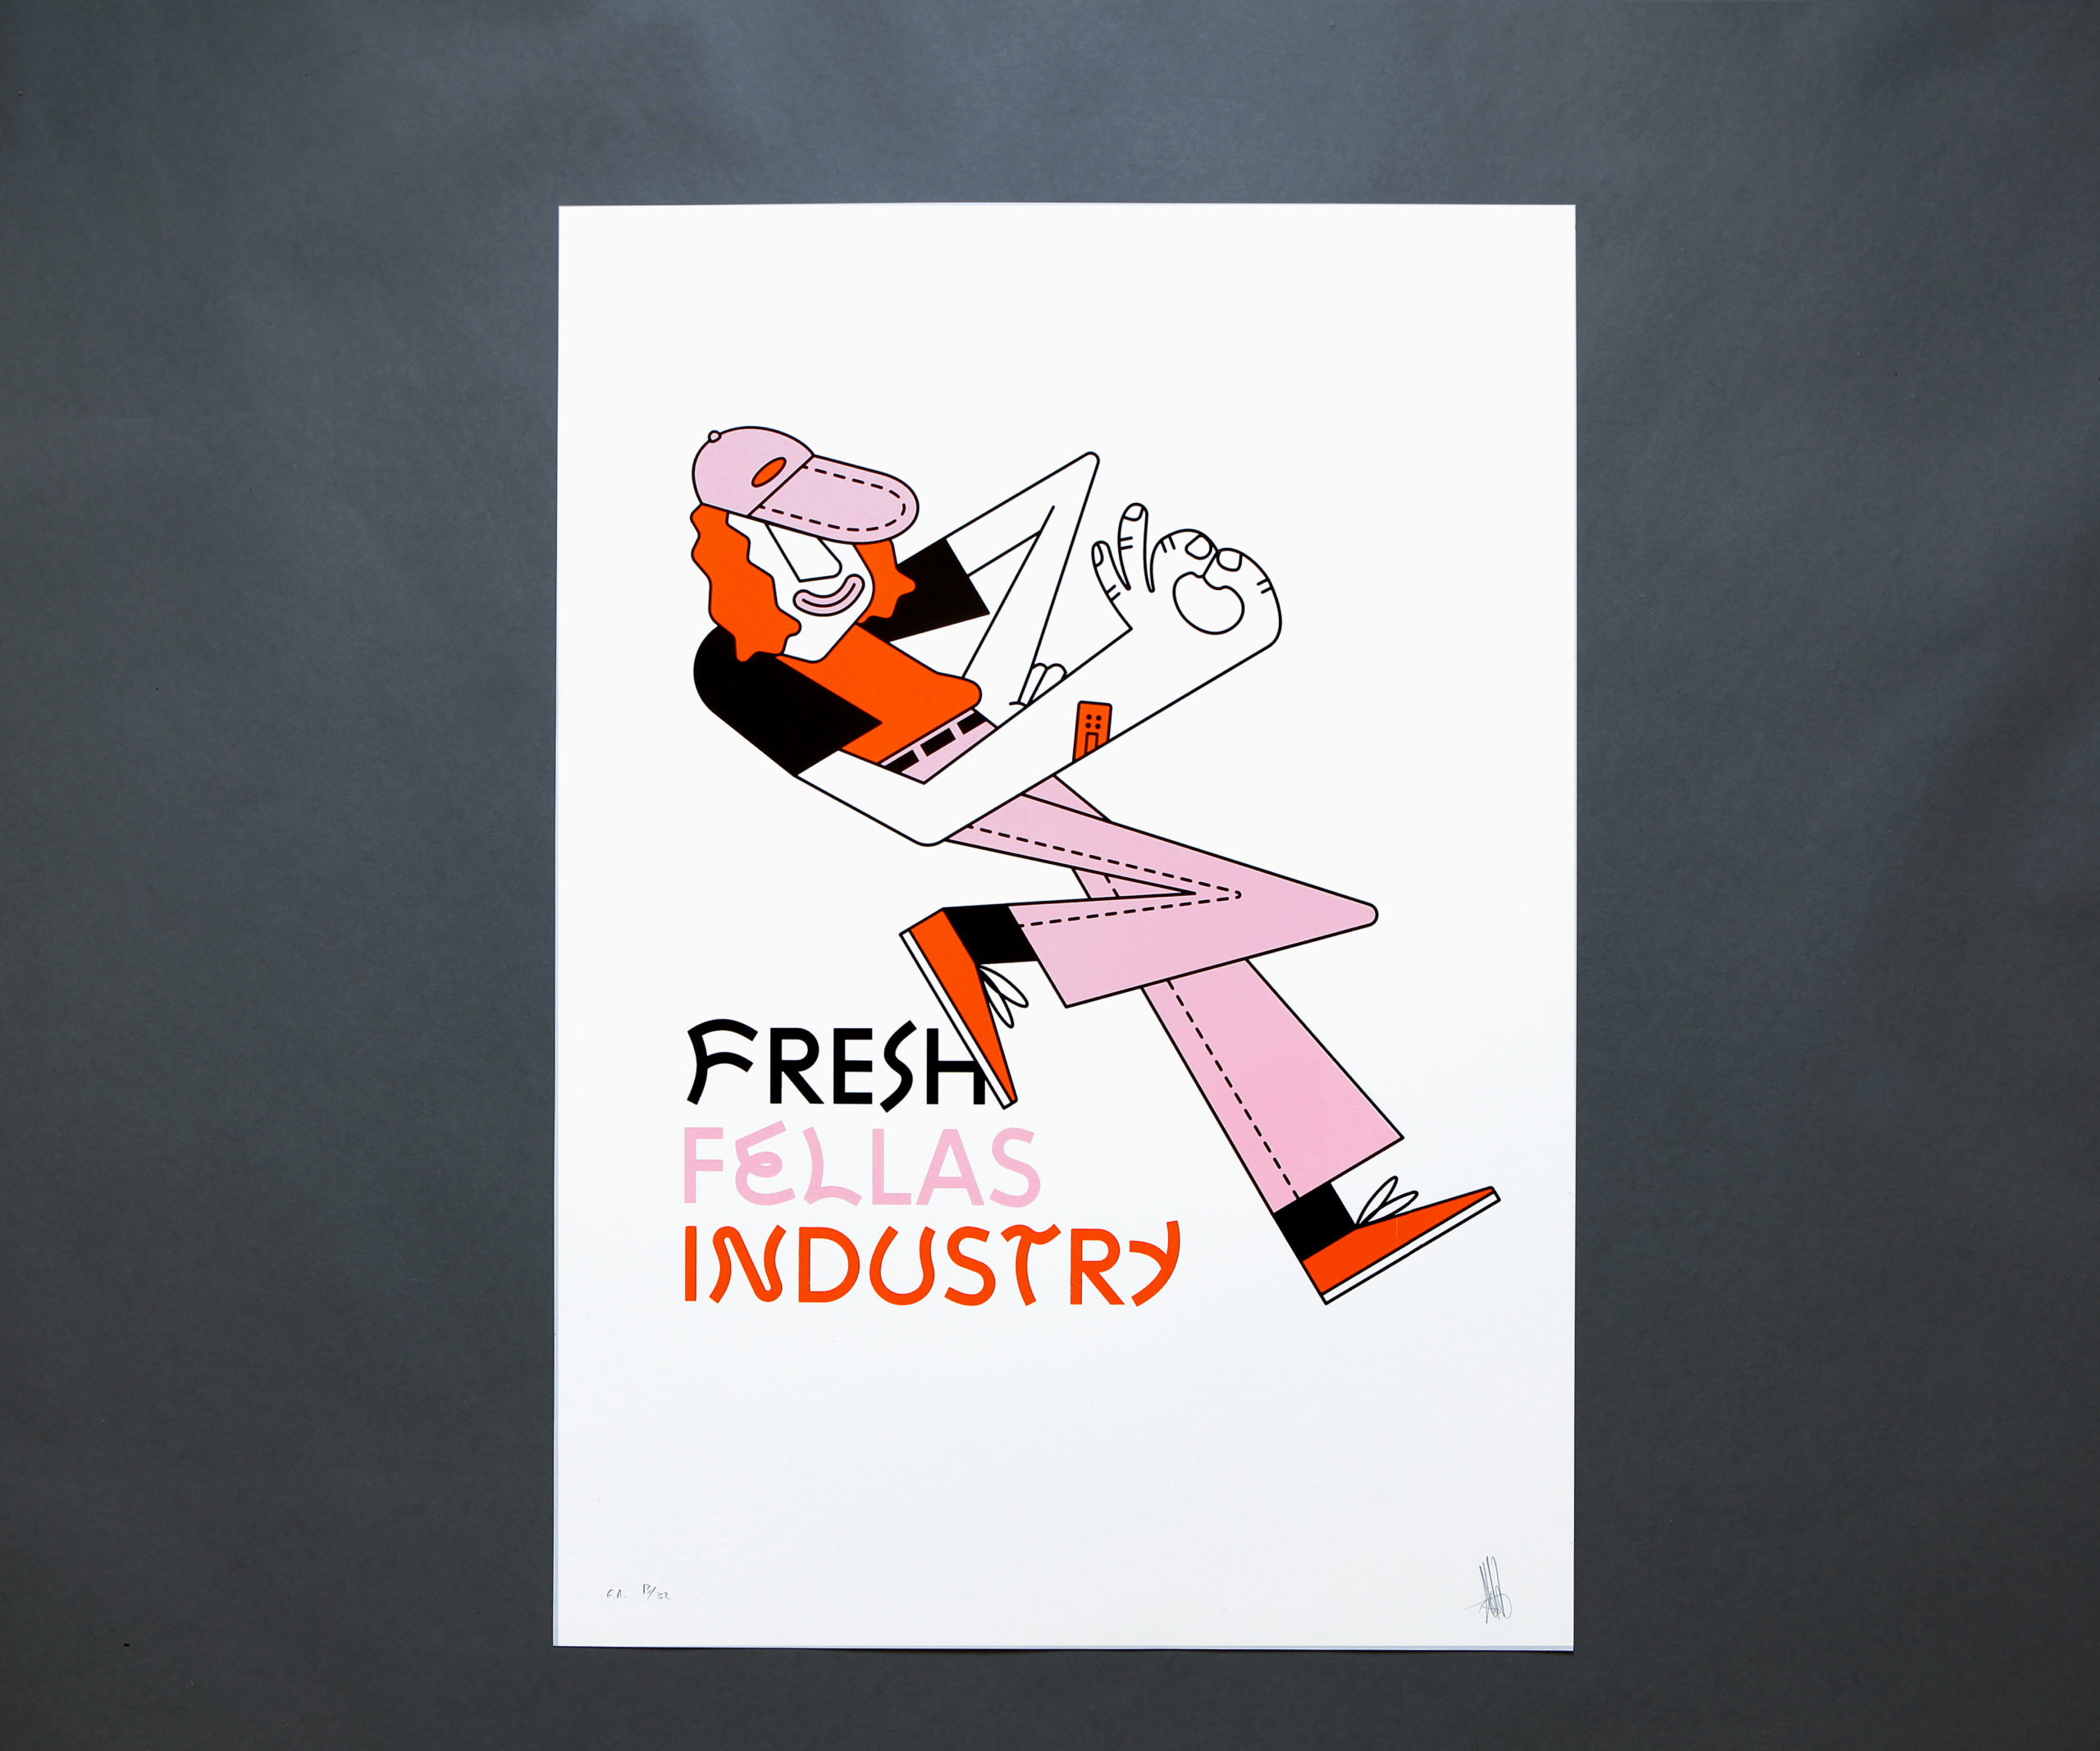 AlexHowling_Fresh_Fellas_Industry_14